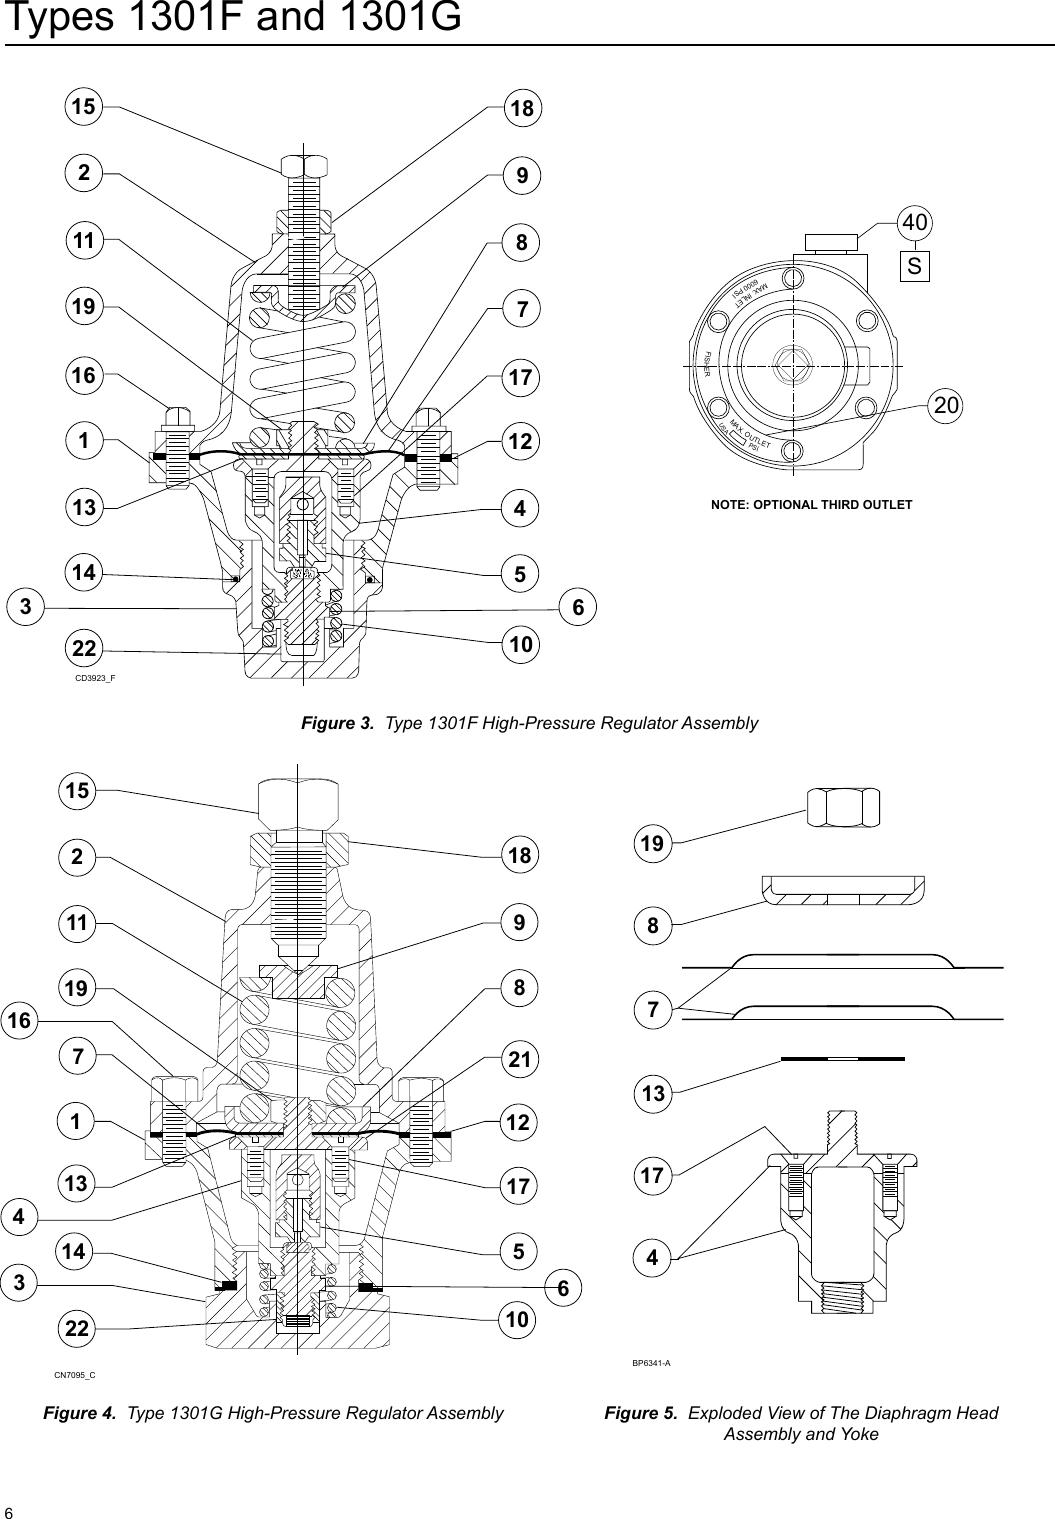 Emerson 1301 Series Pressure Reducing Regulators